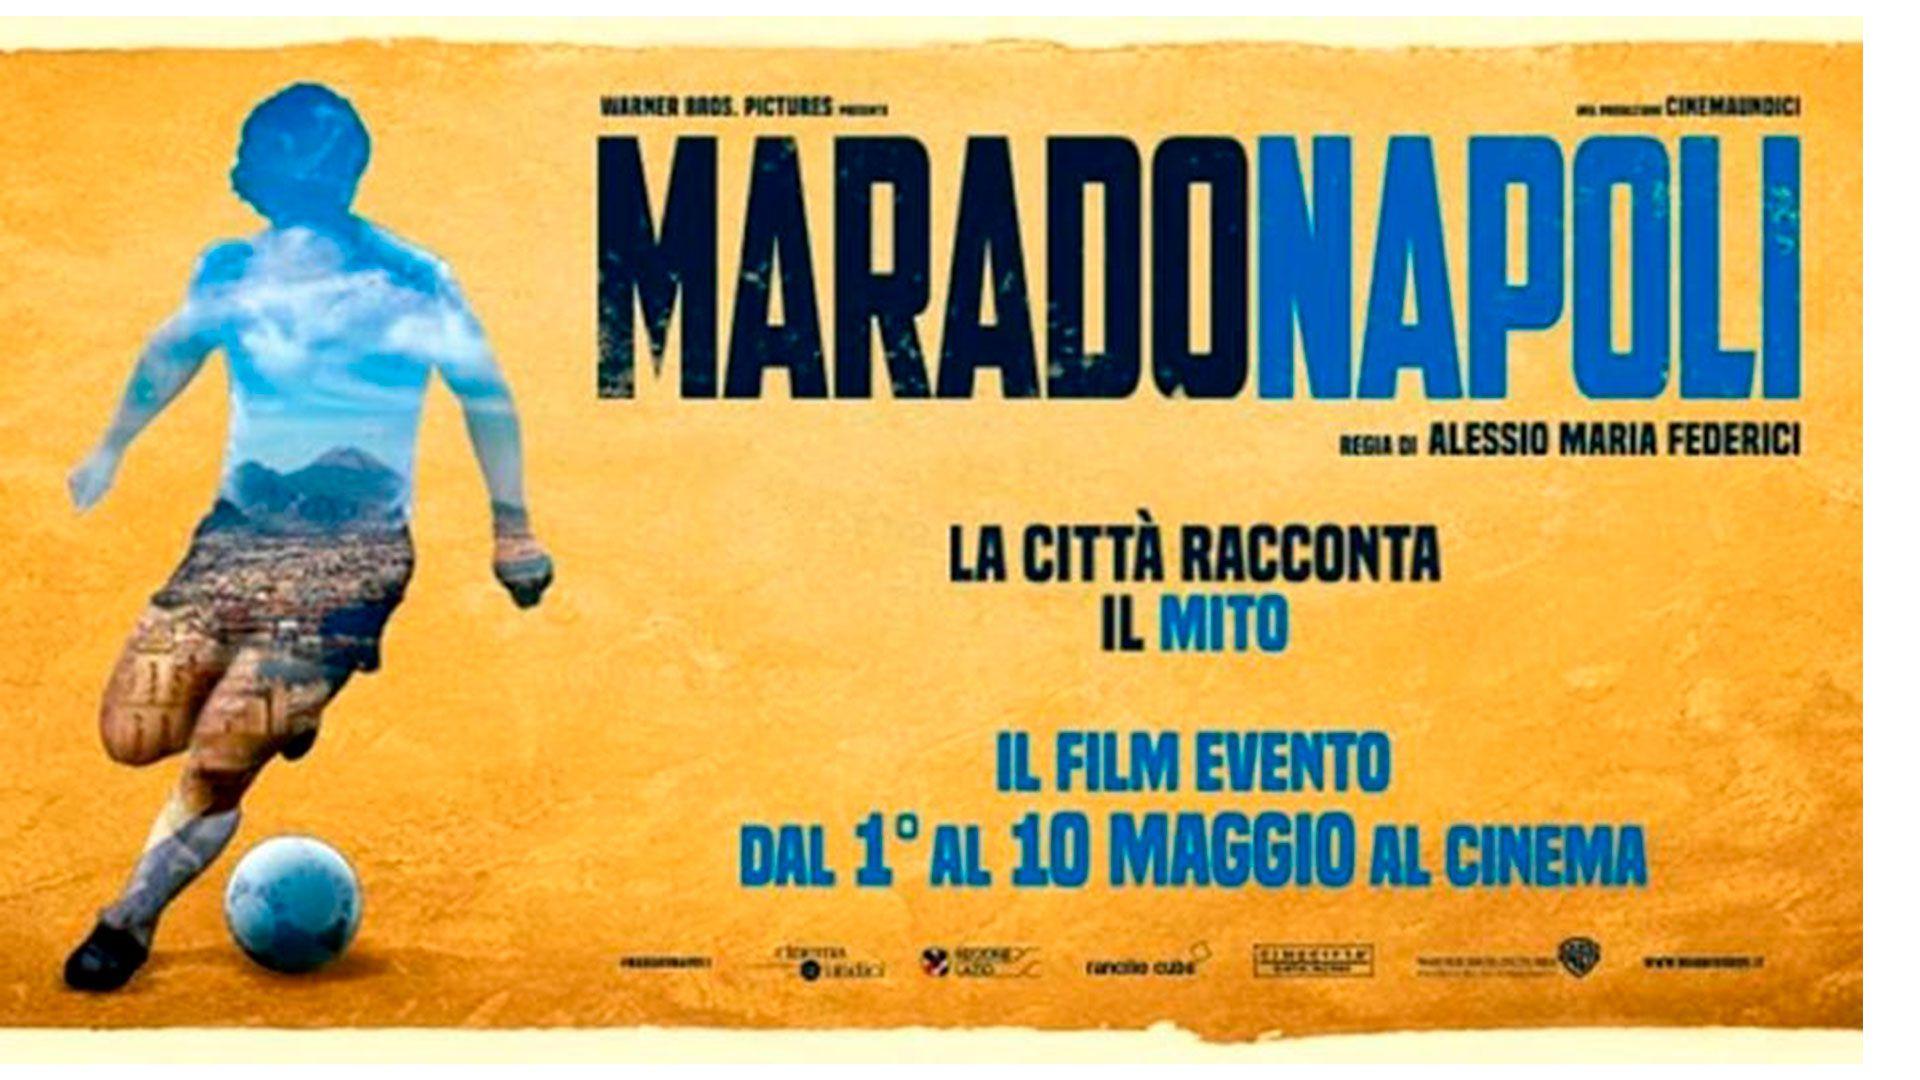 Maradonapoli peliculas maradona